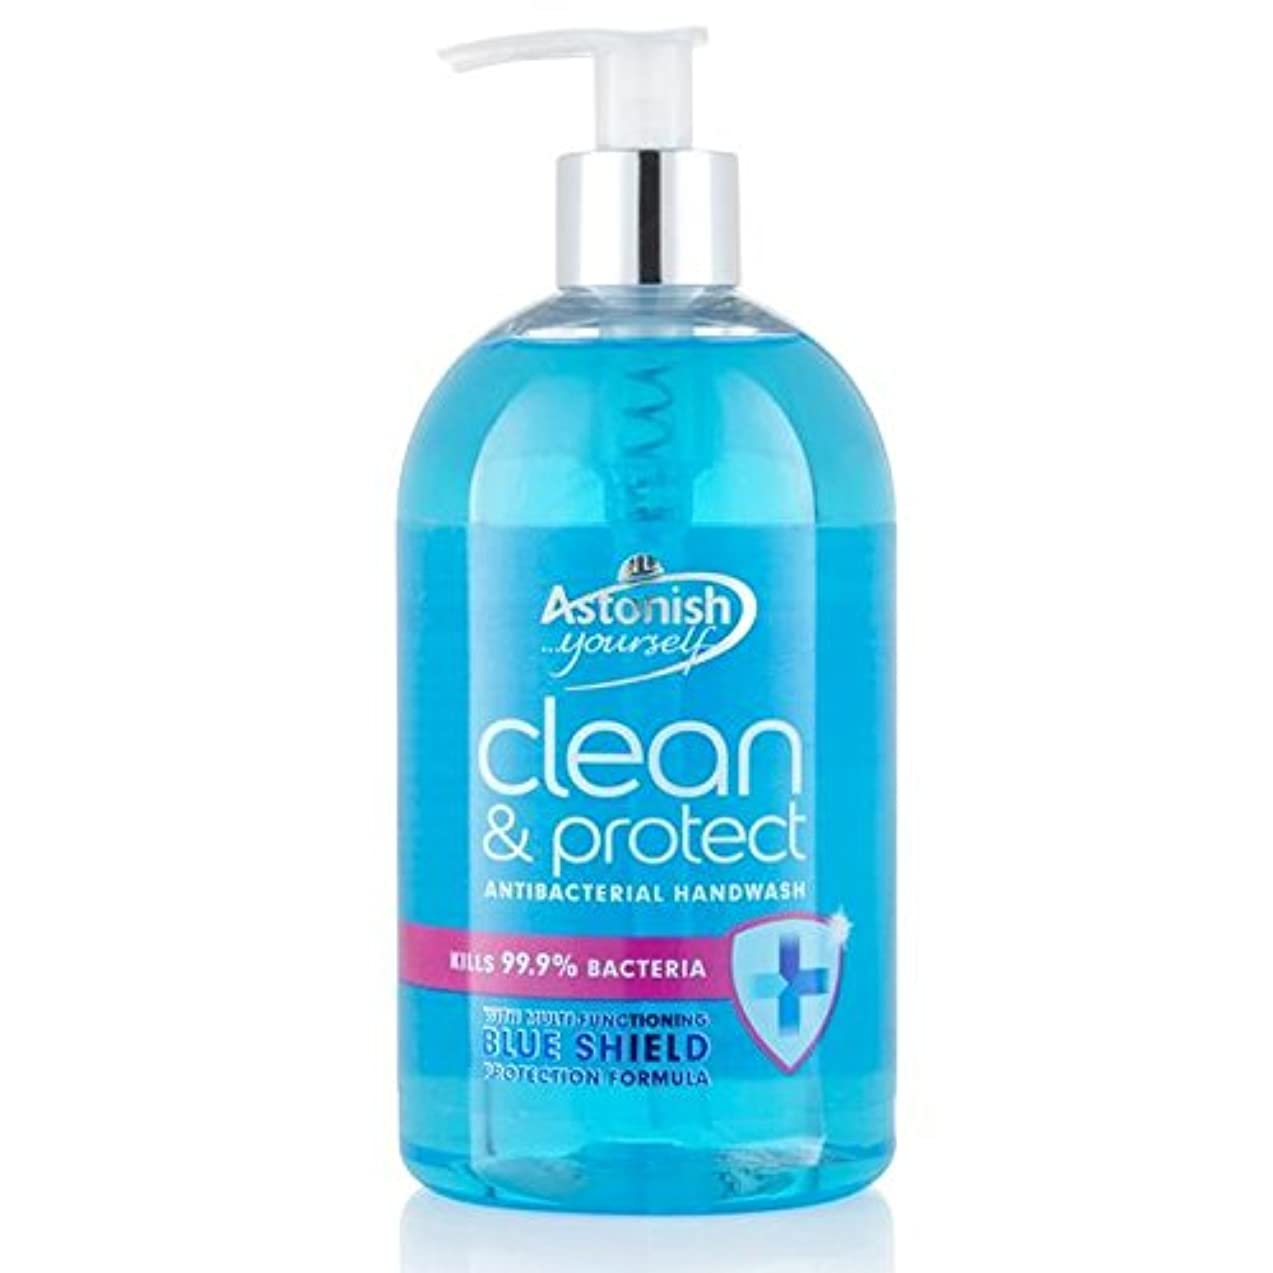 変化する最悪古代クリーン驚か&ハンドウォッシュ500ミリリットルを保護 x4 - Astonish Clean & Protect Hand Wash 500ml (Pack of 4) [並行輸入品]